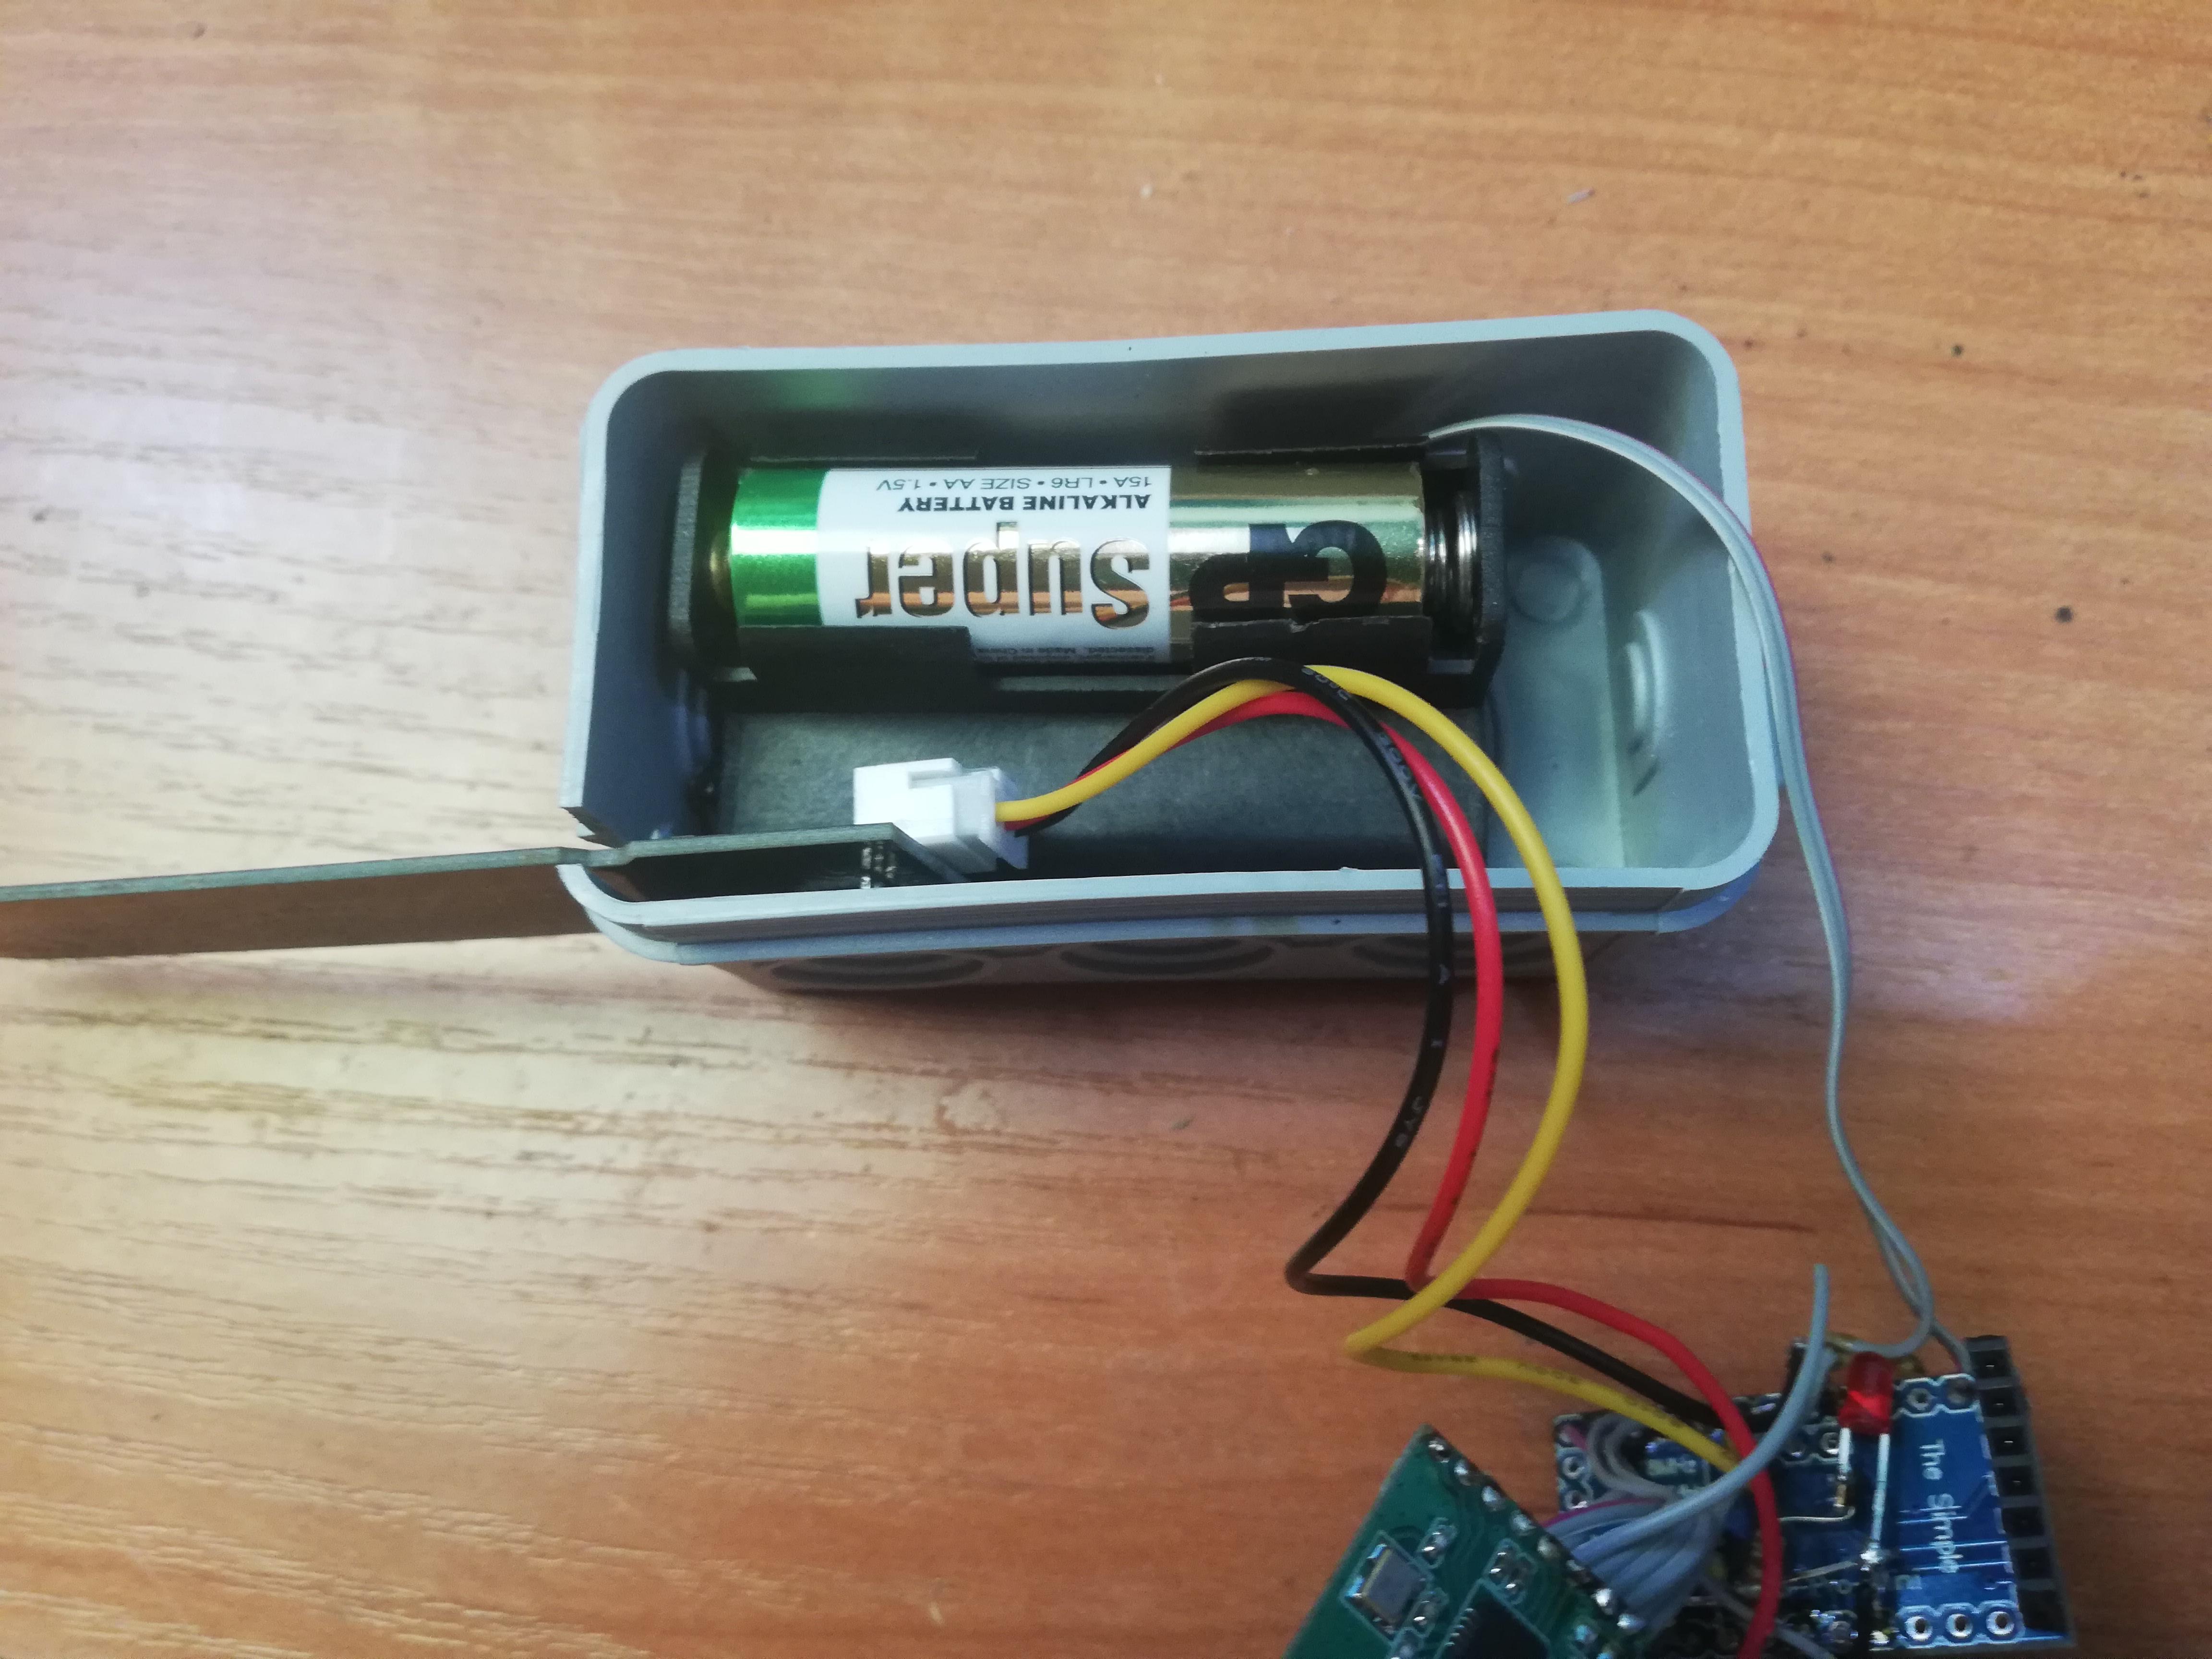 HB-UNI-Sen-CAP-MOIST-T - układanie koszyka z bateriami i czujnika wilgotności.